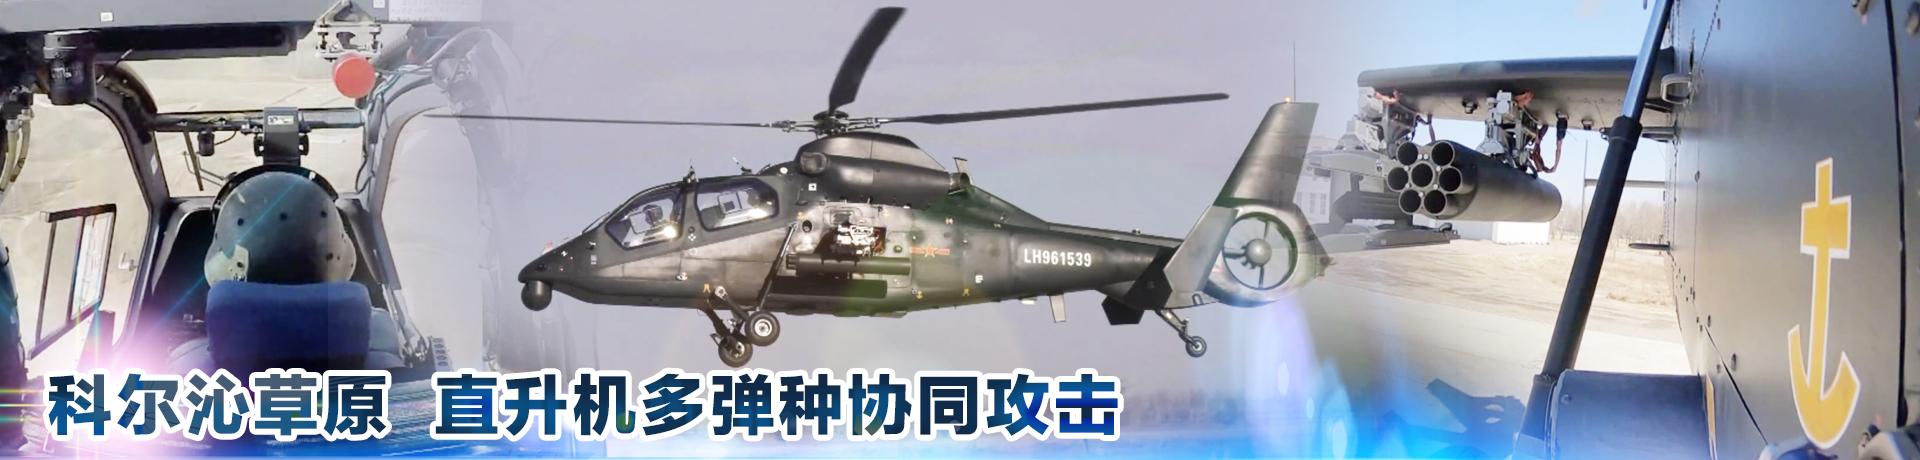 科爾沁草原 直升機多彈種協同攻擊